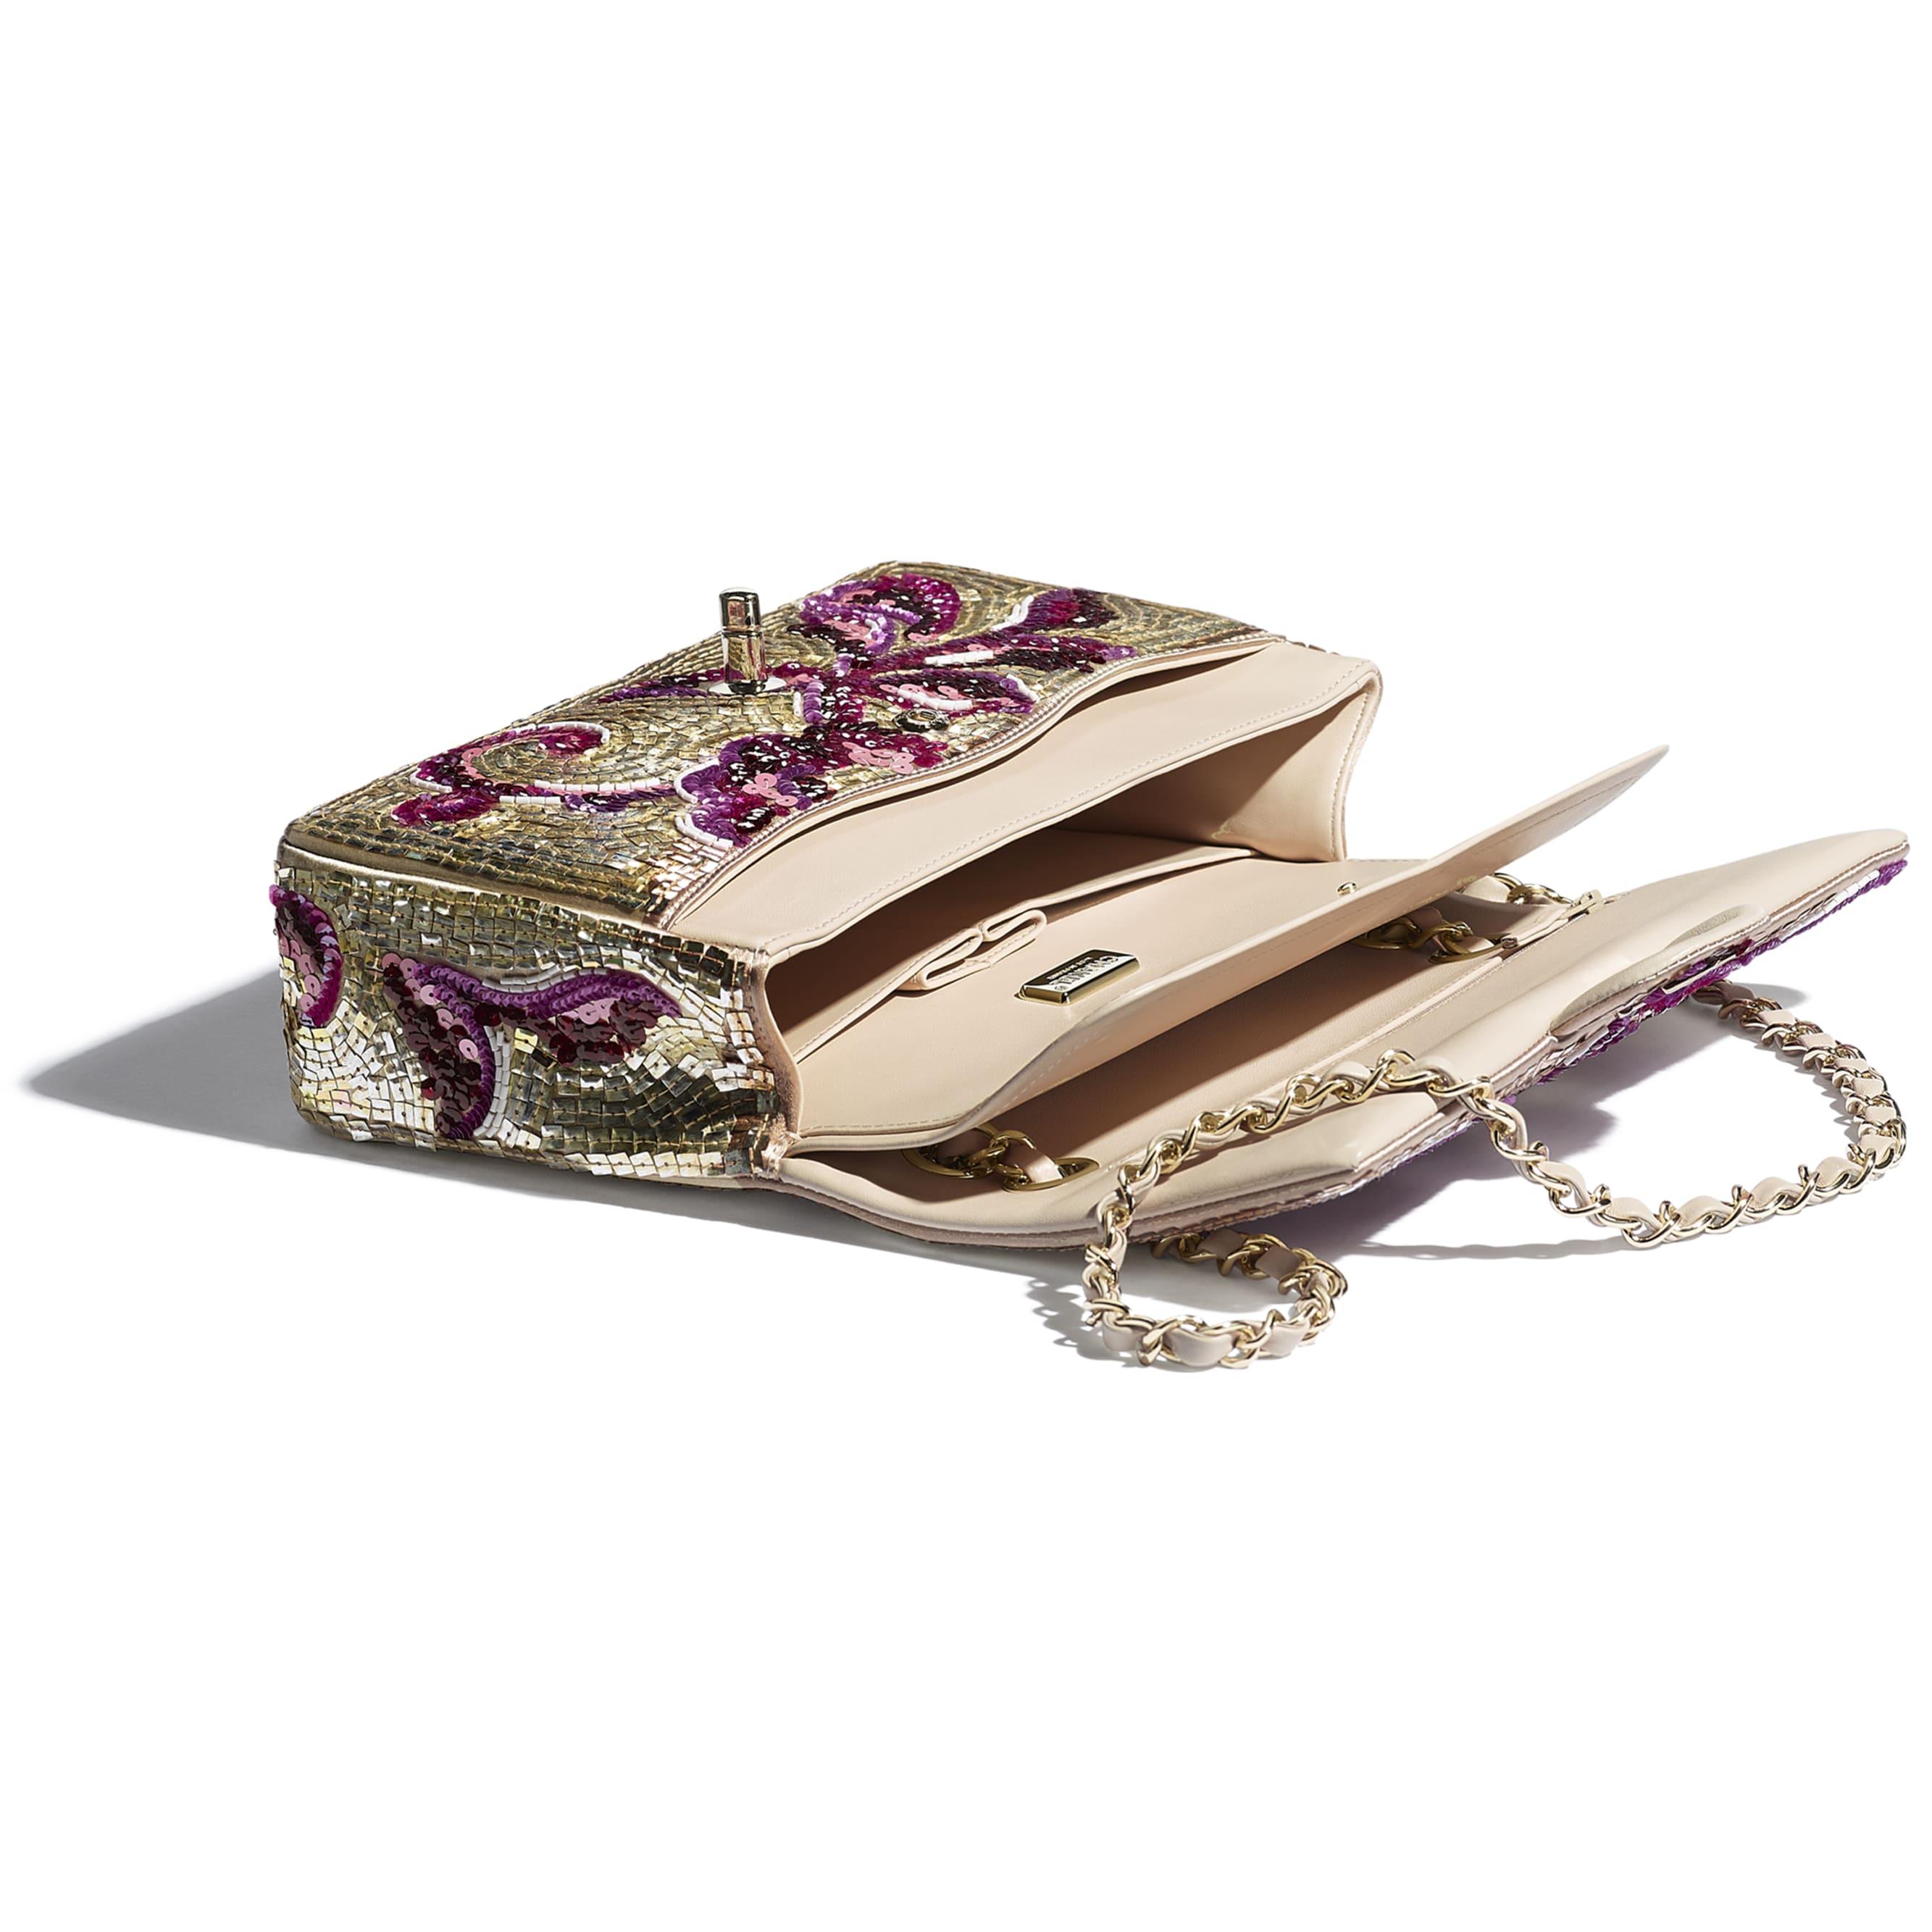 กระเป๋าสะพายคลาสสิก - สีม่วงและสีทอง - ปักเลื่อม มุกแก้ว หนังแกะ และโลหะสีทอง - CHANEL - มุมมองอื่น - ดูเวอร์ชันขนาดมาตรฐาน